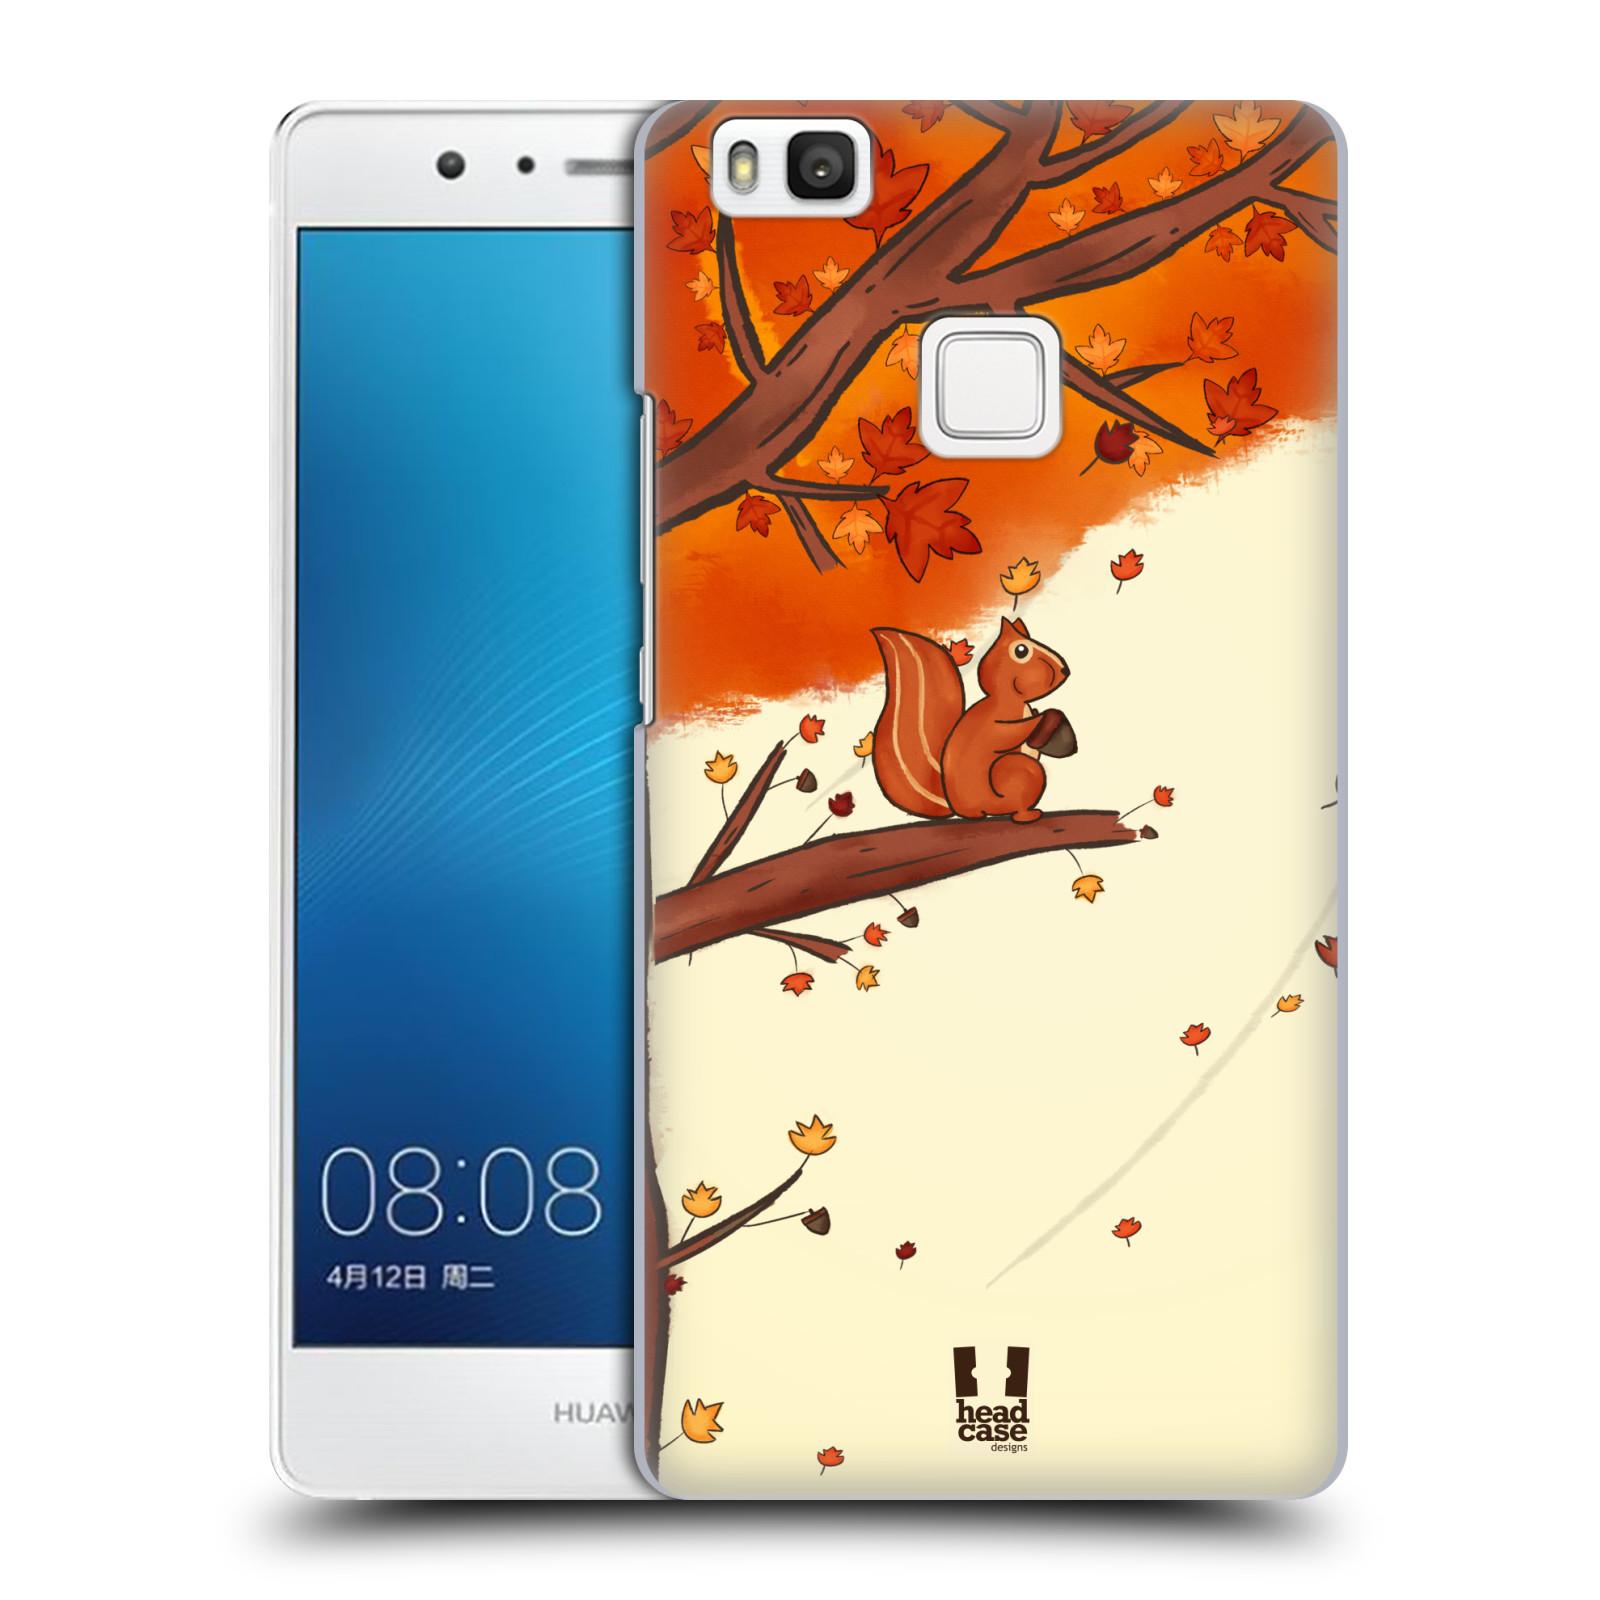 HEAD CASE plastový obal na mobil Huawei P9 LITE / P9 LITE DUAL SIM vzor podzimní zvířátka veverka